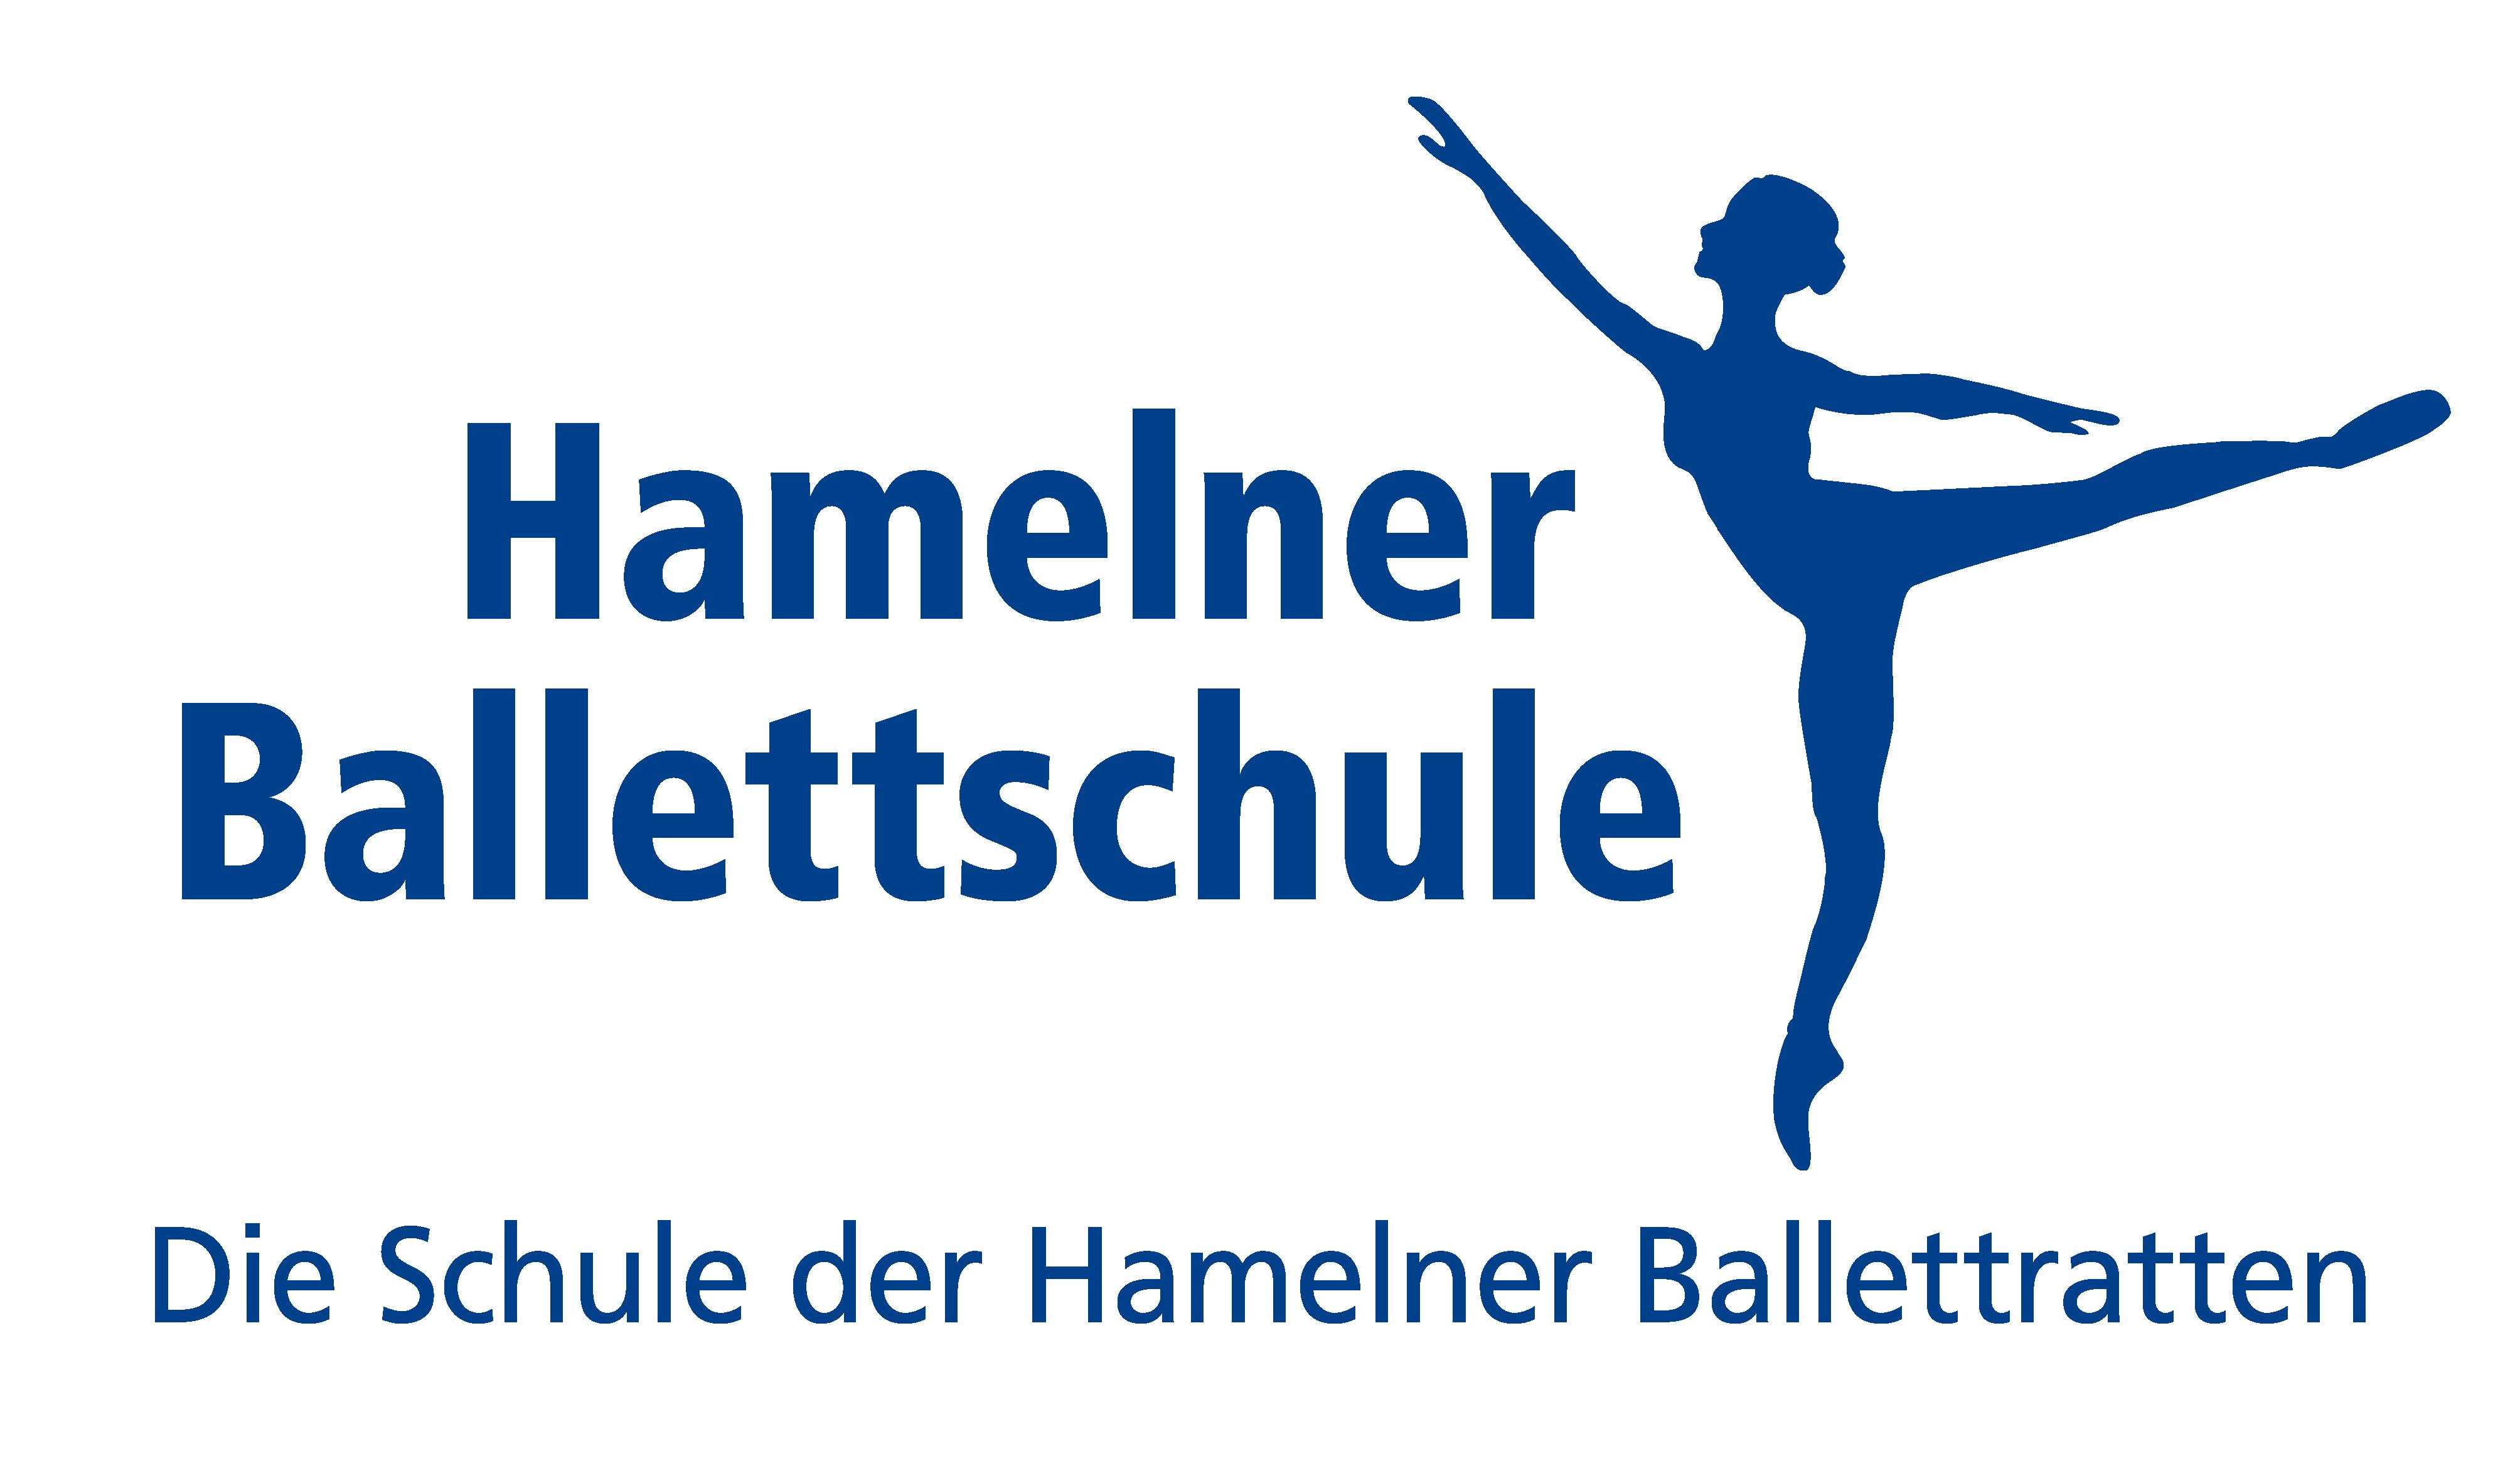 Hamelner Ballettschule Logo